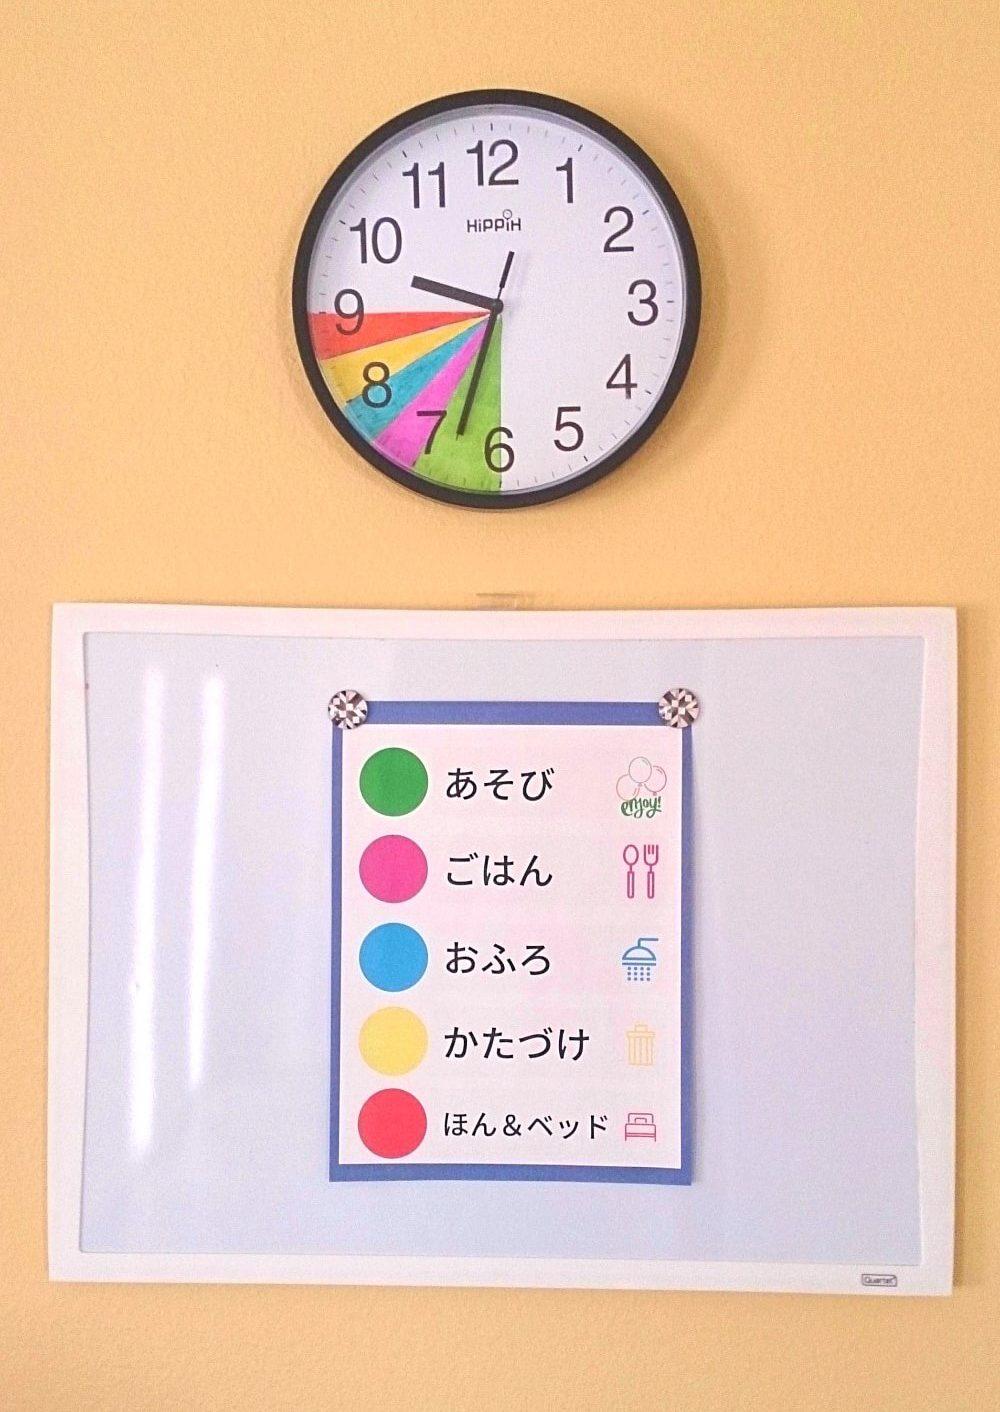 簡単につくれるカラフルスケジュール時計の作り方。見て分かるから、保育園児の帰宅後のタイムスケジュール表にぴったり。